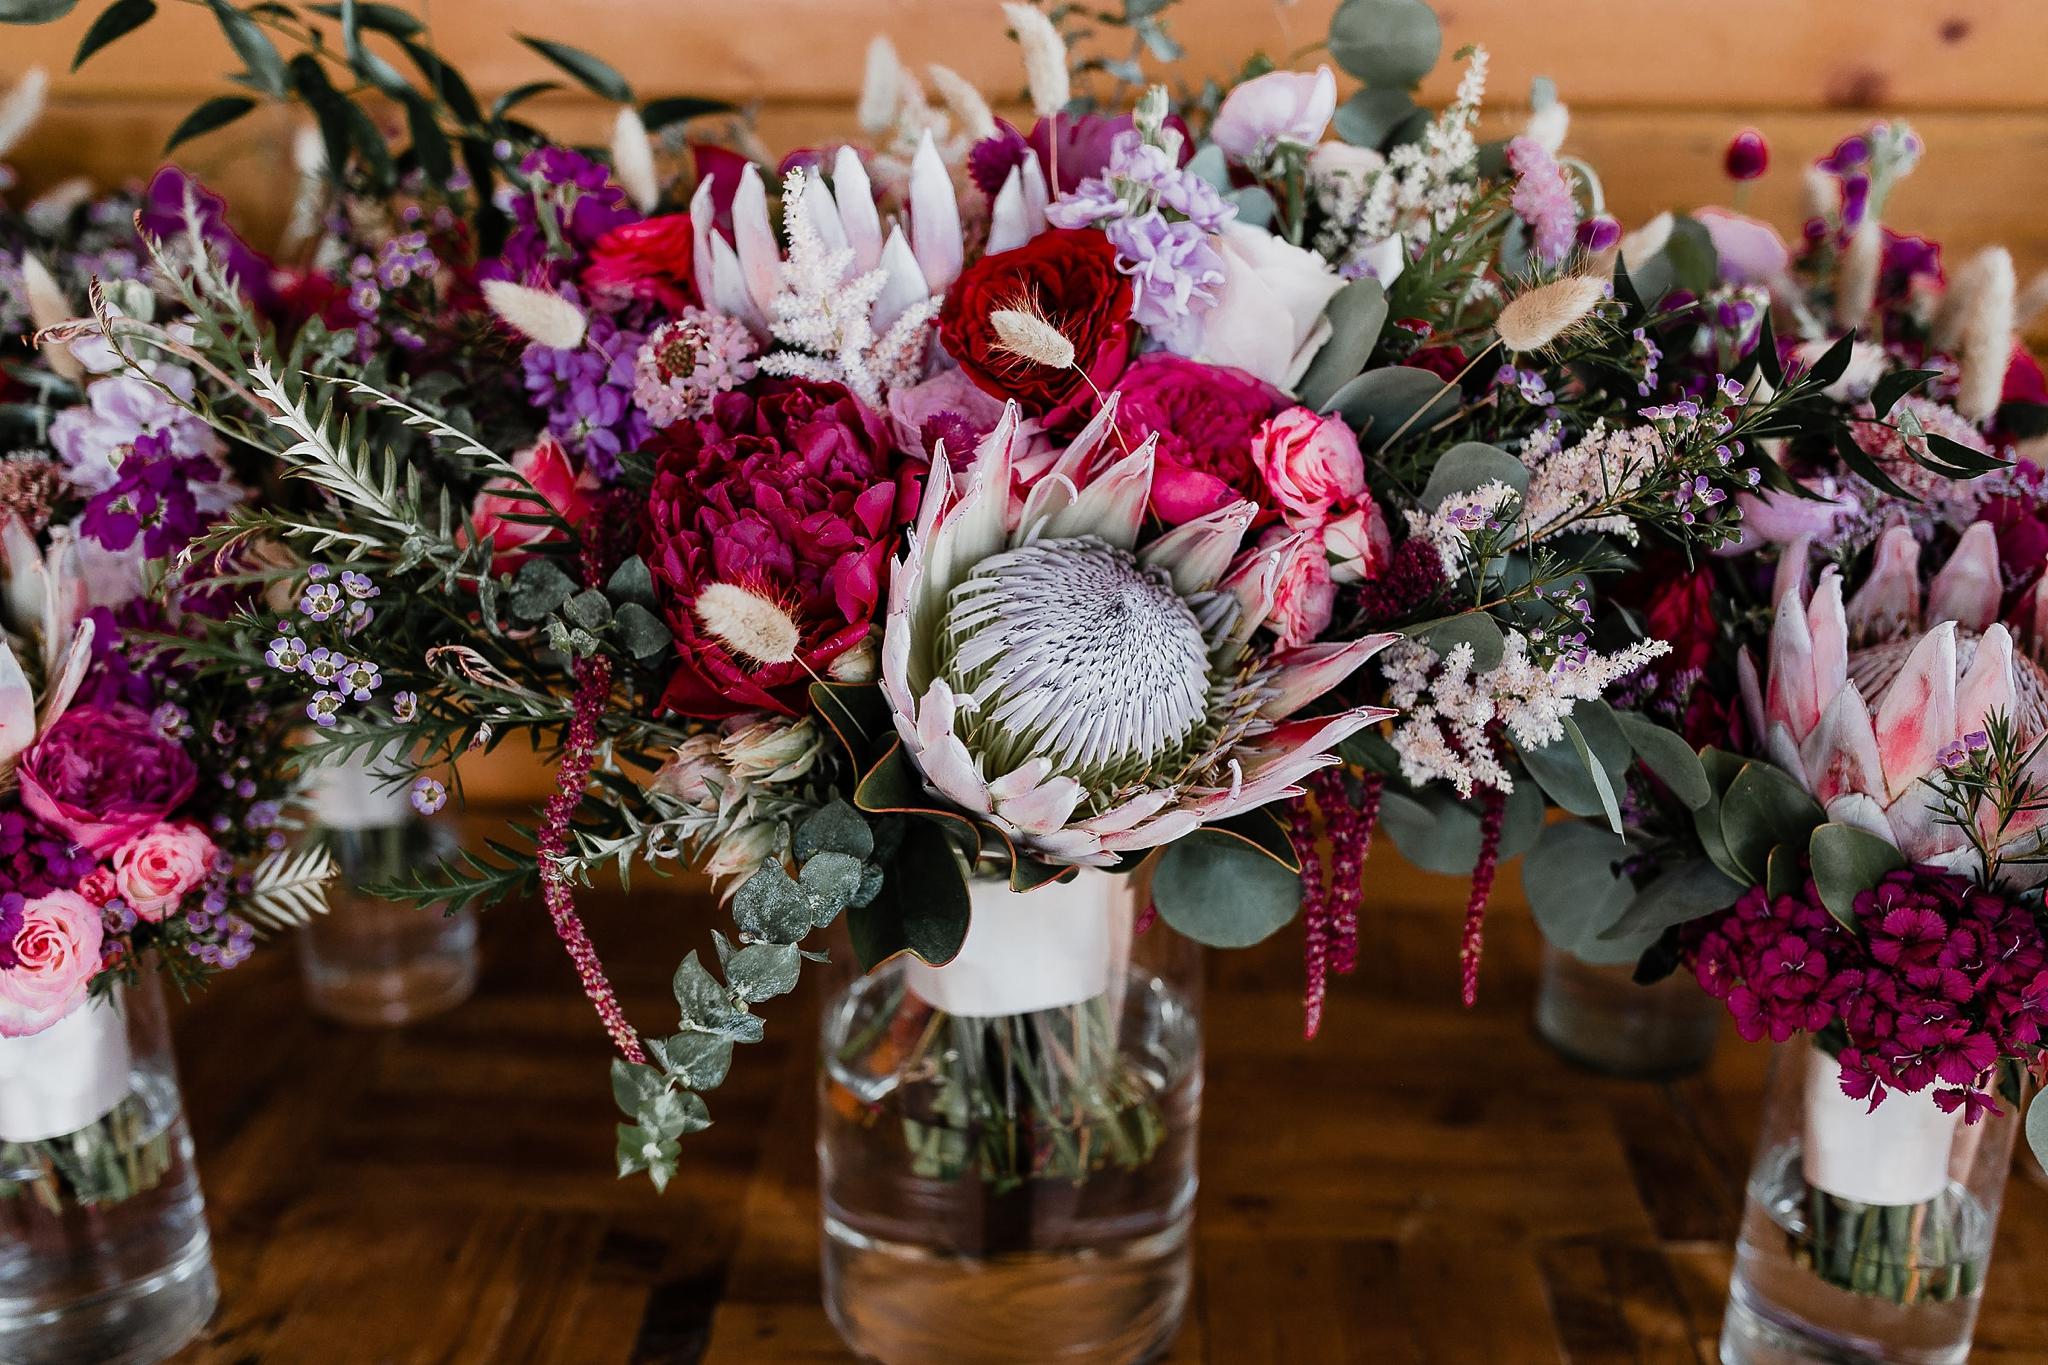 Alicia+lucia+photography+-+albuquerque+wedding+photographer+-+santa+fe+wedding+photography+-+new+mexico+wedding+photographer+-+new+mexico+wedding+-+summer+wedding+-+summer+wedding+florals+-+southwest+wedding_0005.jpg